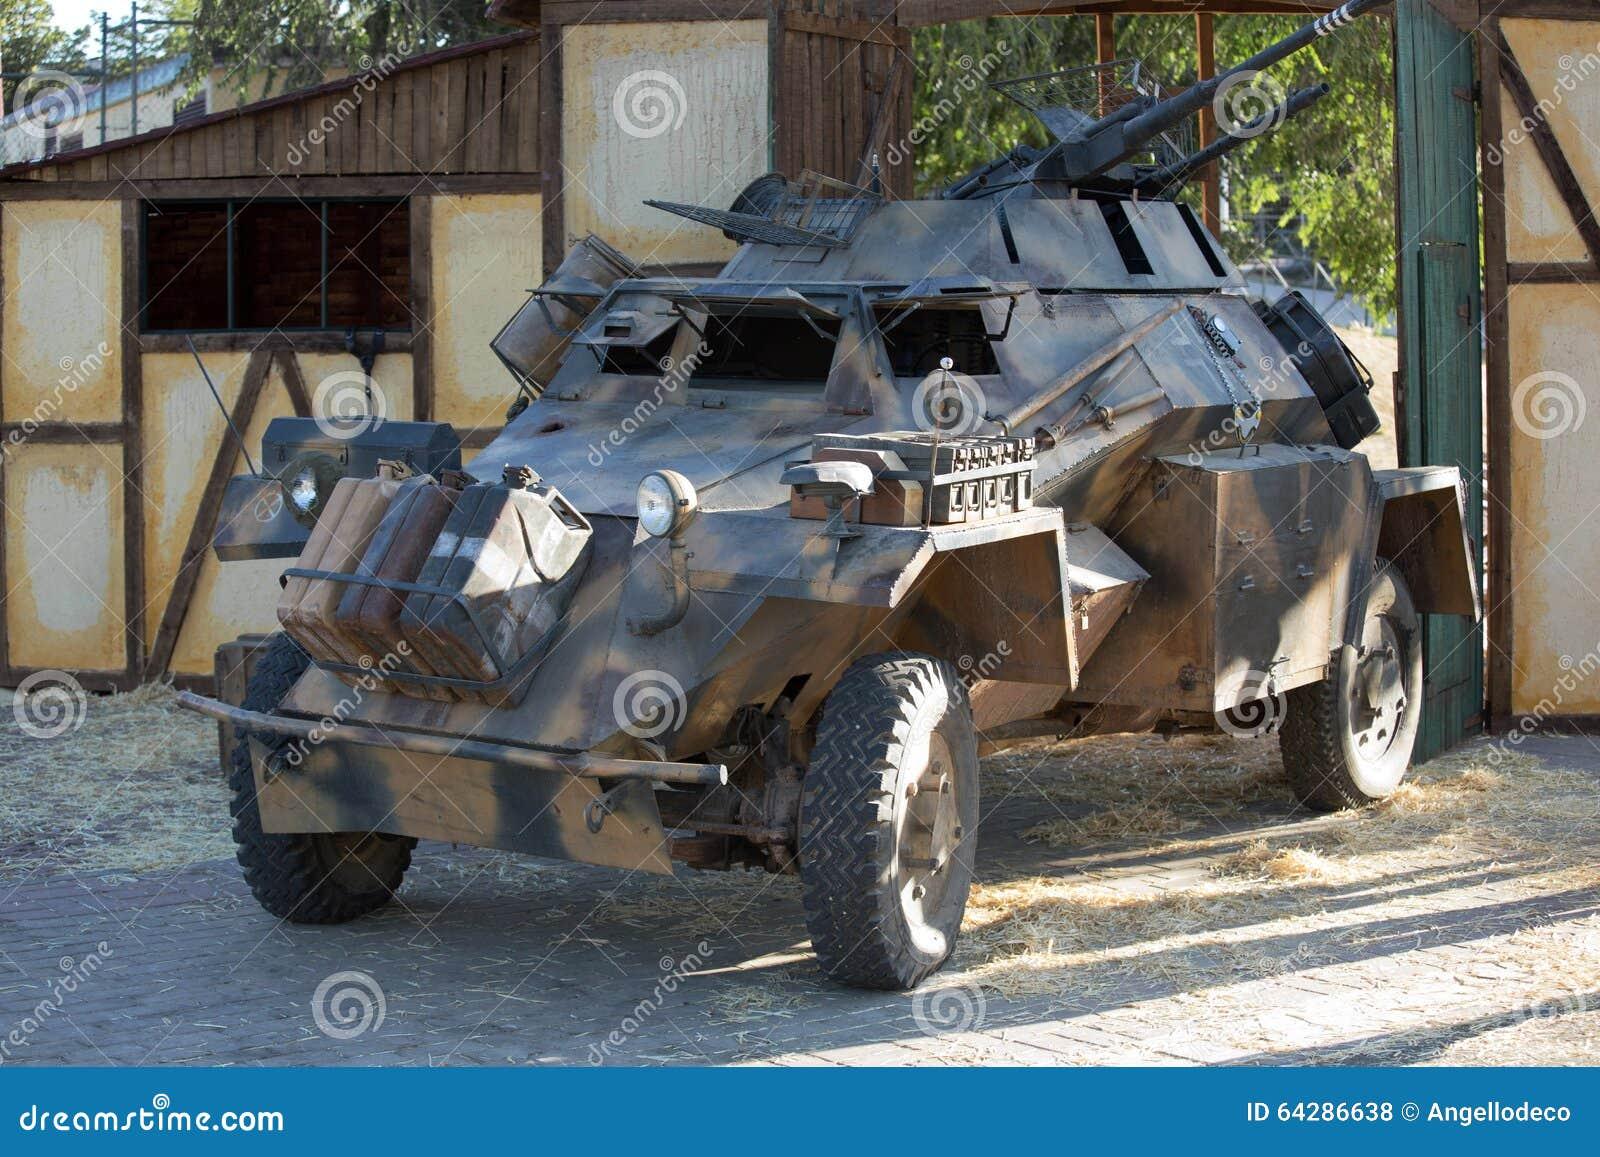 sdkfz 222 v hicule militaire de la deuxi me guerre mondiale photo stock image 64286638. Black Bedroom Furniture Sets. Home Design Ideas